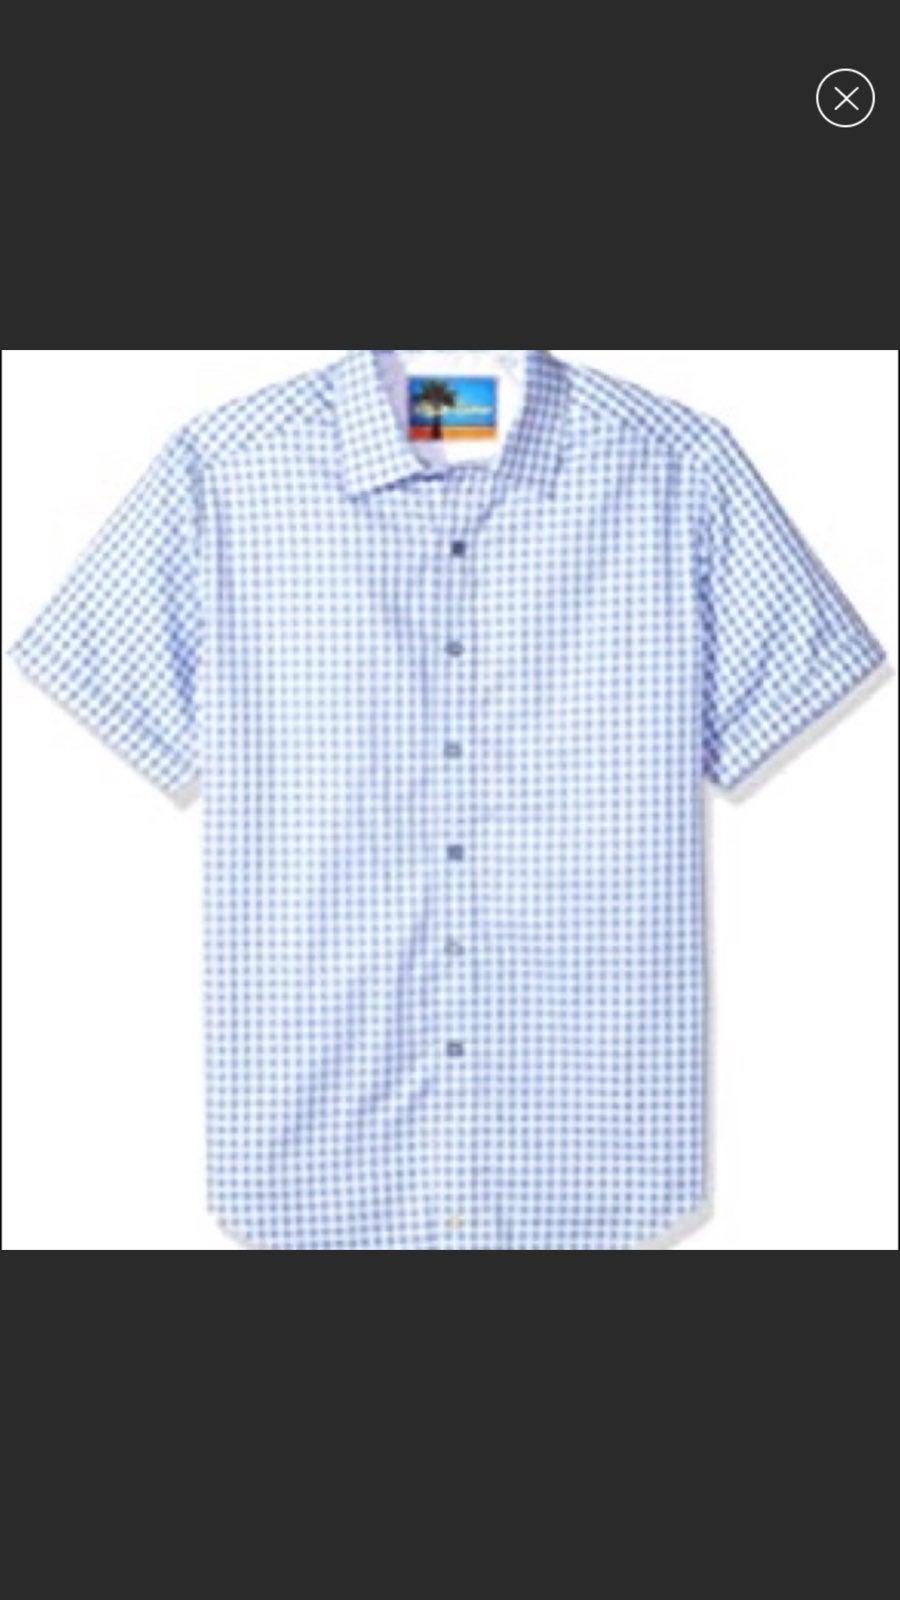 Robert graham isia short sleeve shirt m